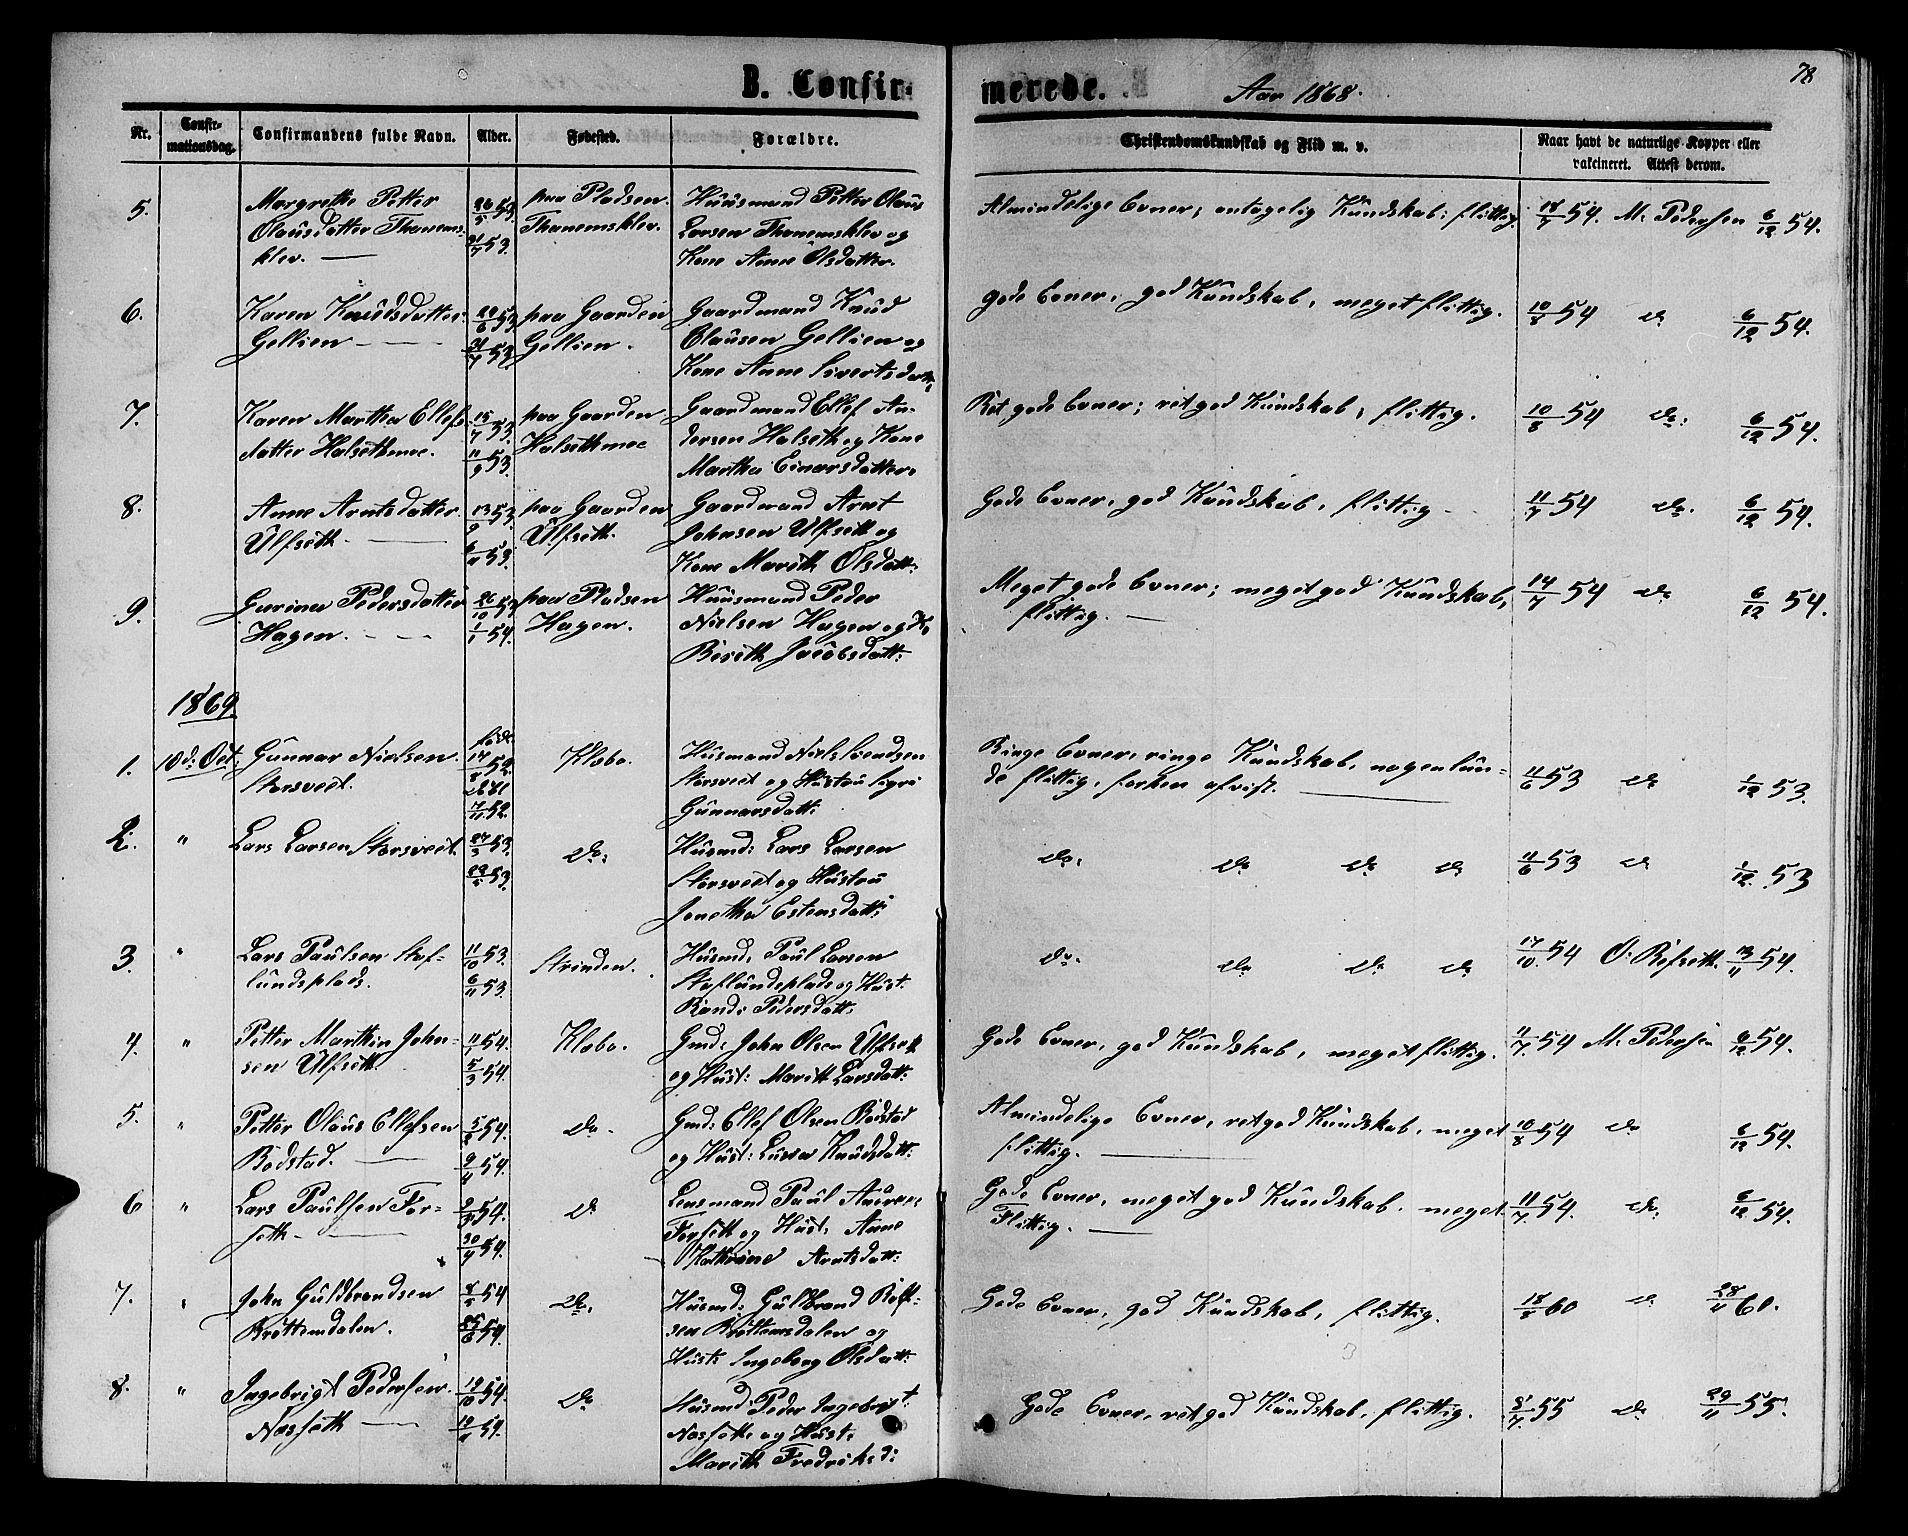 SAT, Ministerialprotokoller, klokkerbøker og fødselsregistre - Sør-Trøndelag, 618/L0451: Klokkerbok nr. 618C02, 1865-1883, s. 78